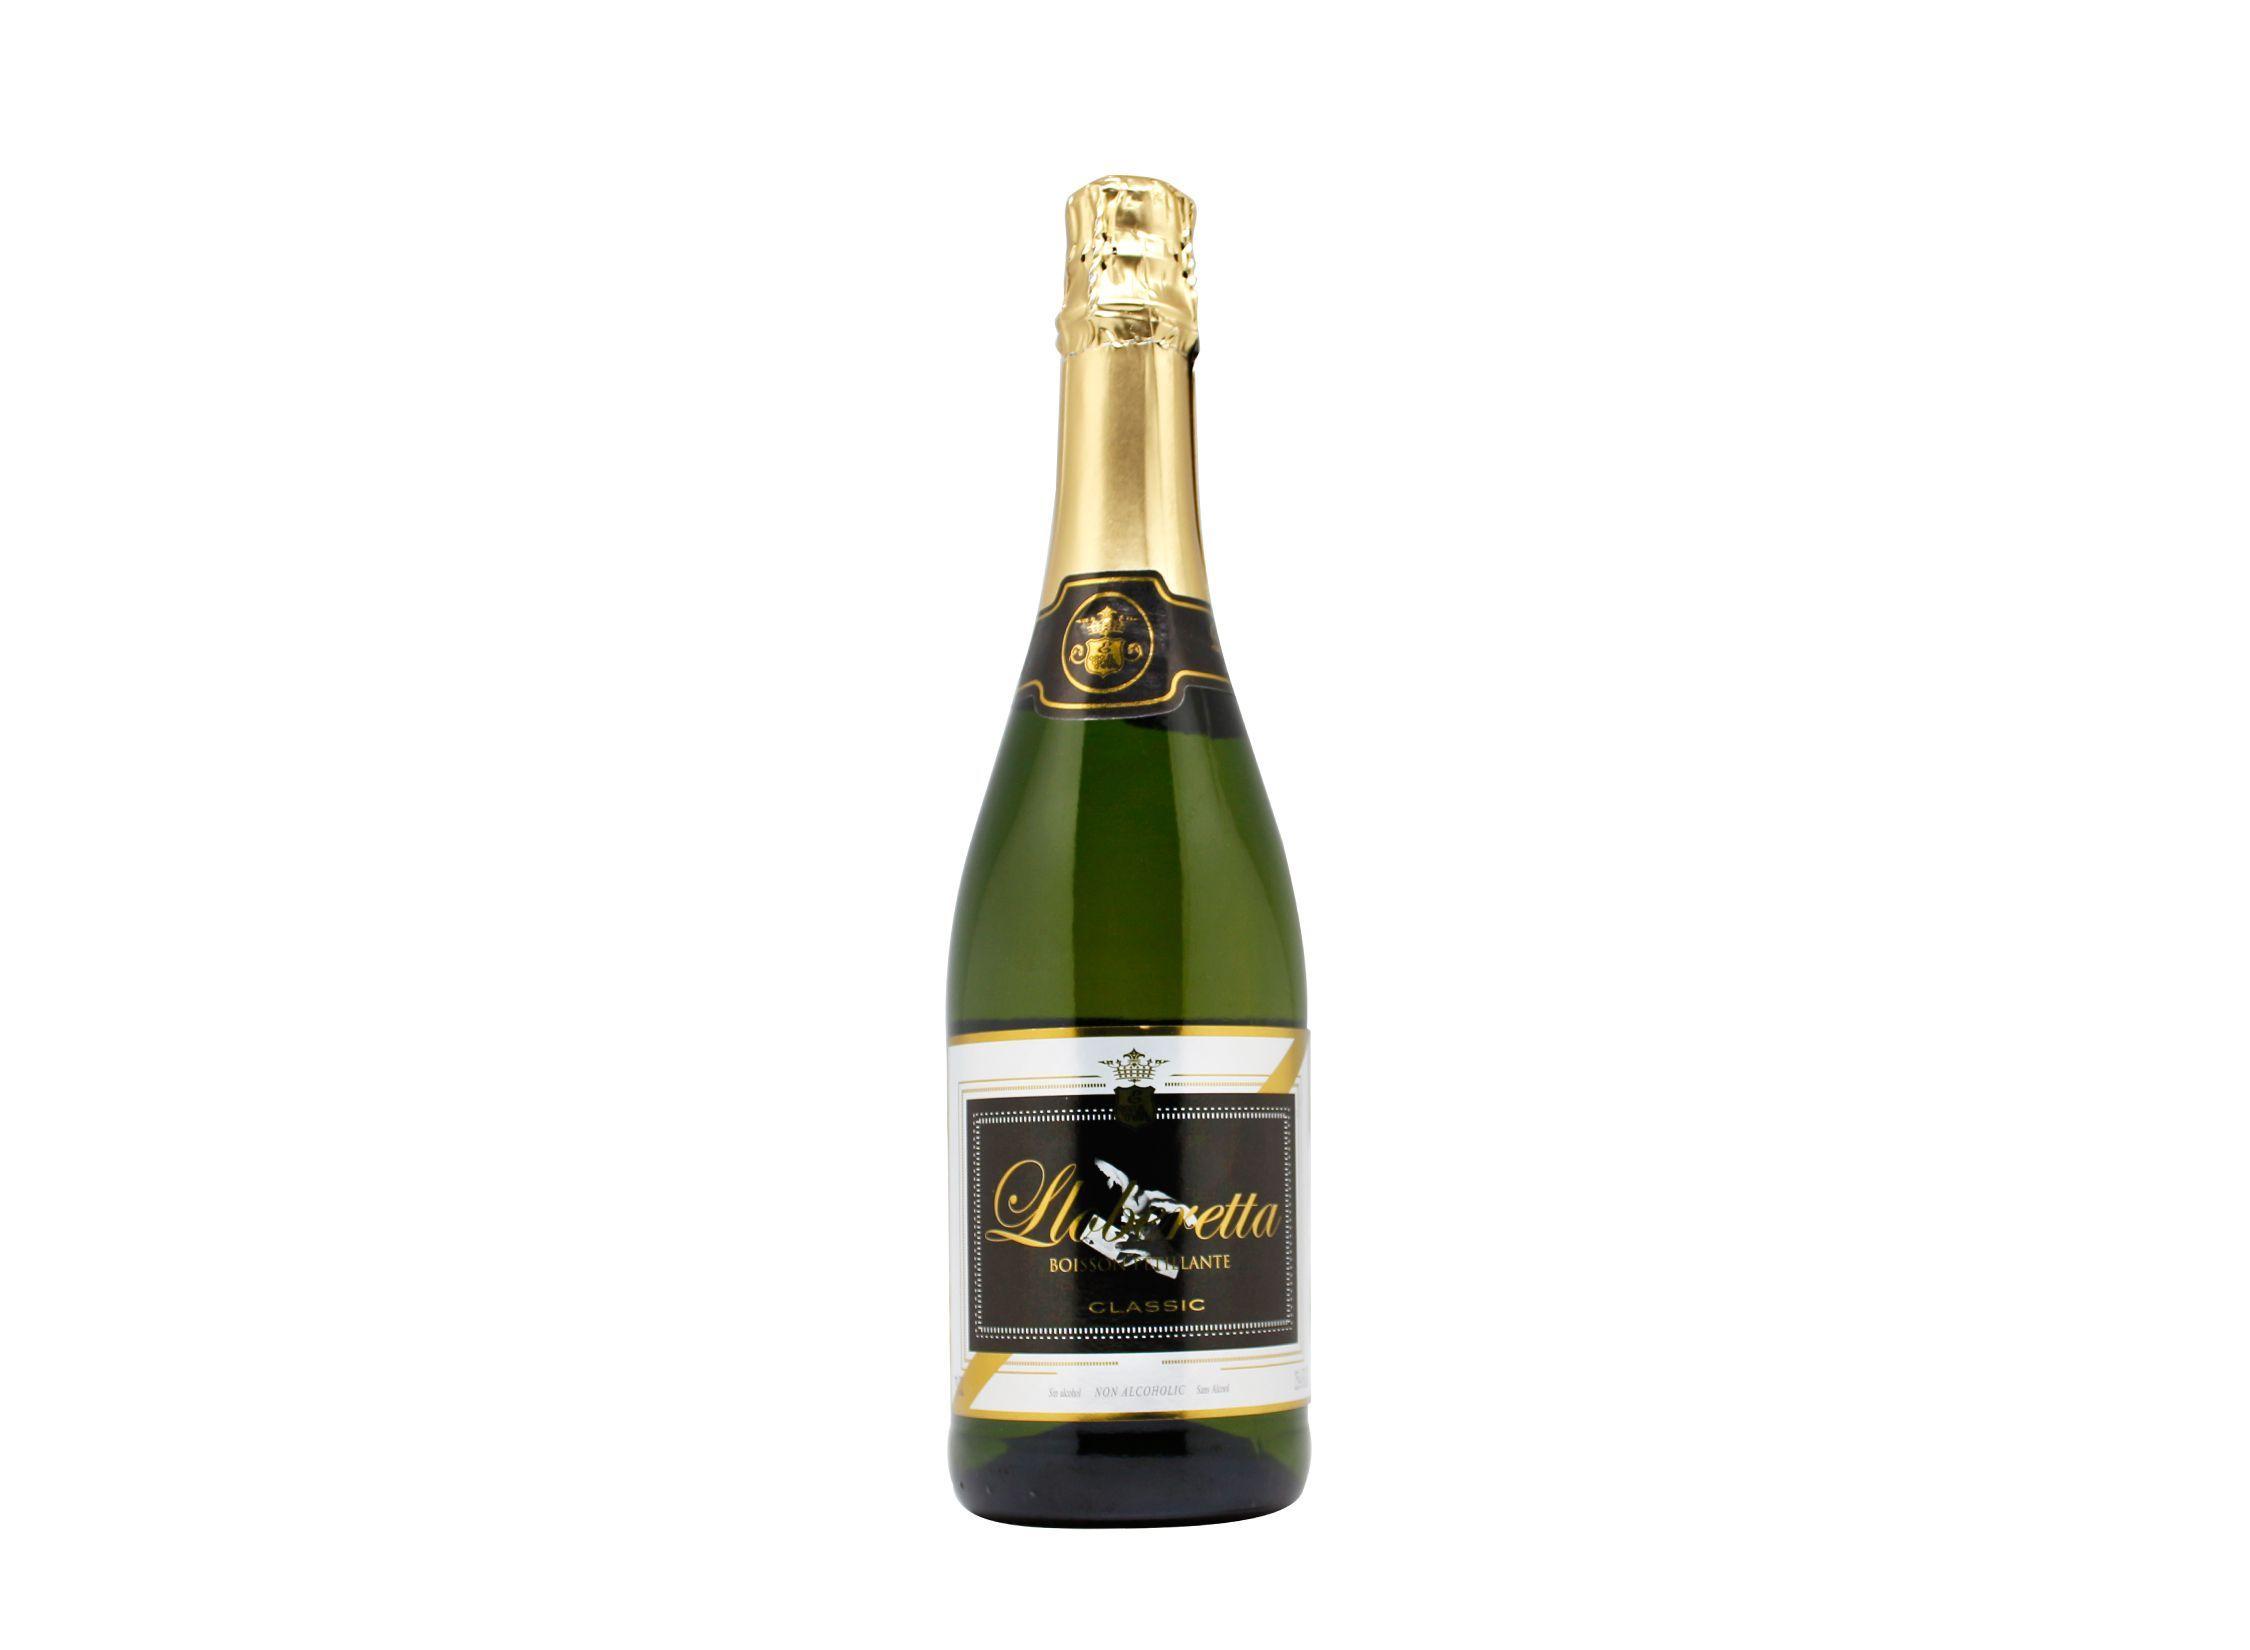 Botella de 75cl Lloberetta una de nuestros grandes clásicos. Bebida espumosa inspirada en cava sin alcohol elaborada a partir de la fruta de la pasión. Producto fabricado en Granada, España. En stock listo para enviar.